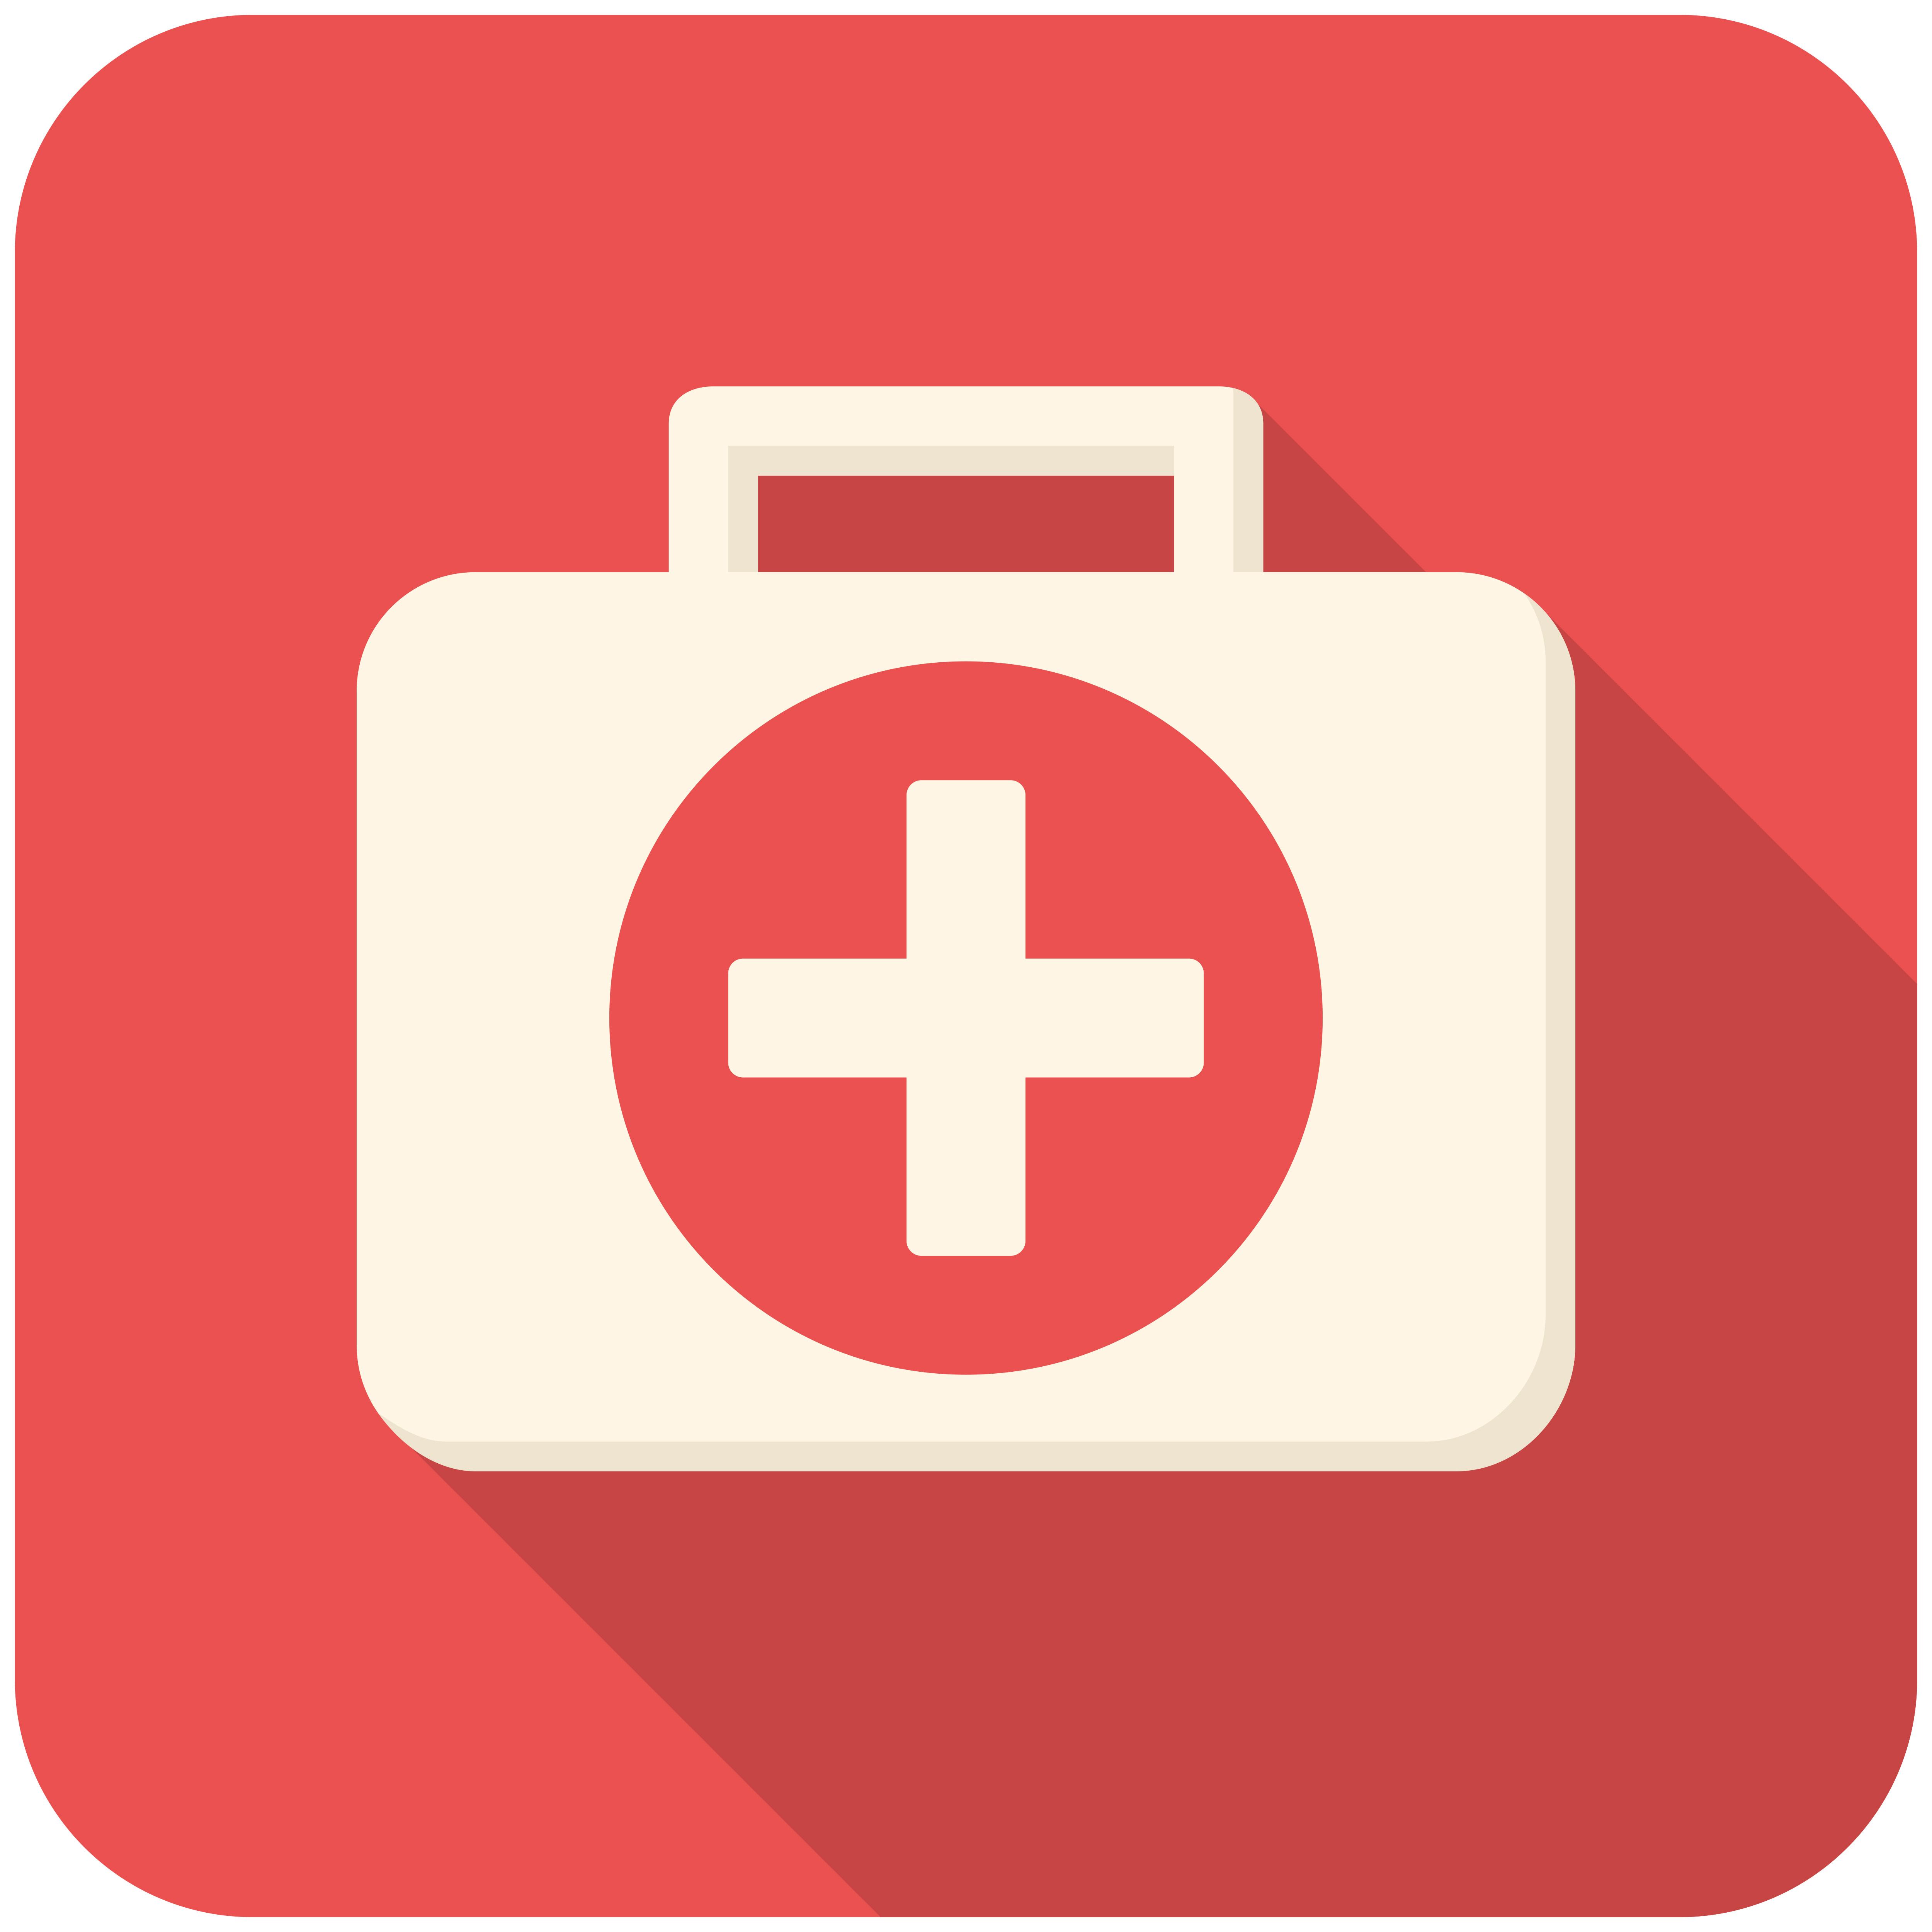 H6cxpii3snehdcdl1vqo+first_aid